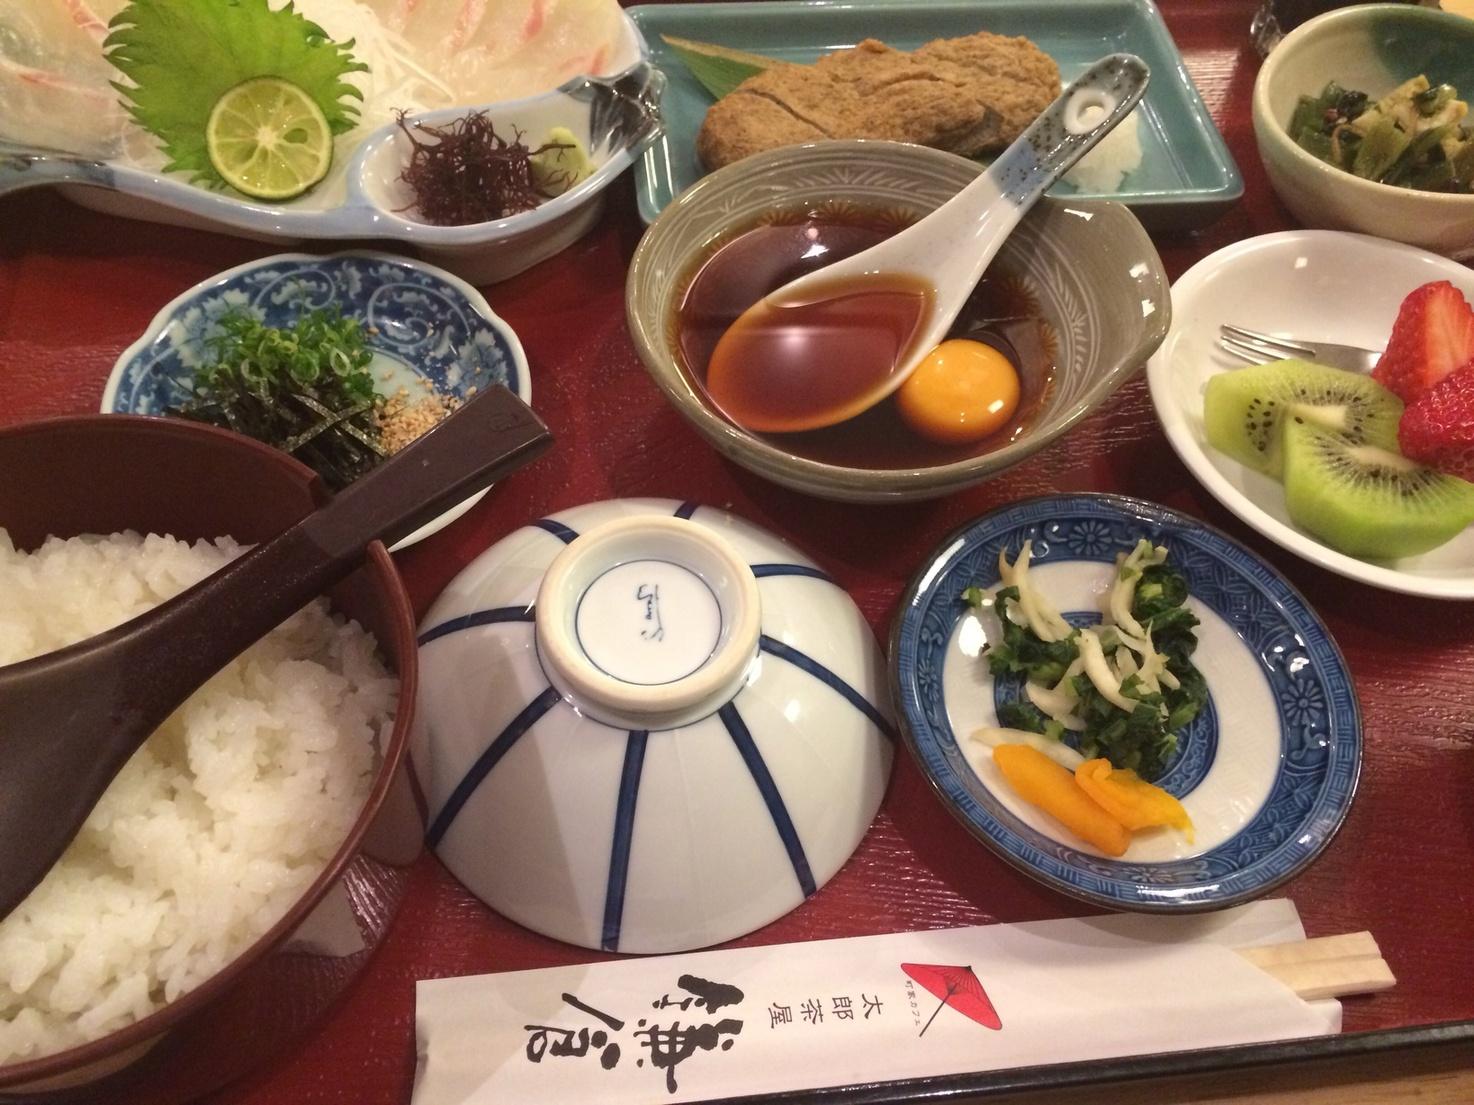 太郎茶屋 鎌倉 宇和島店